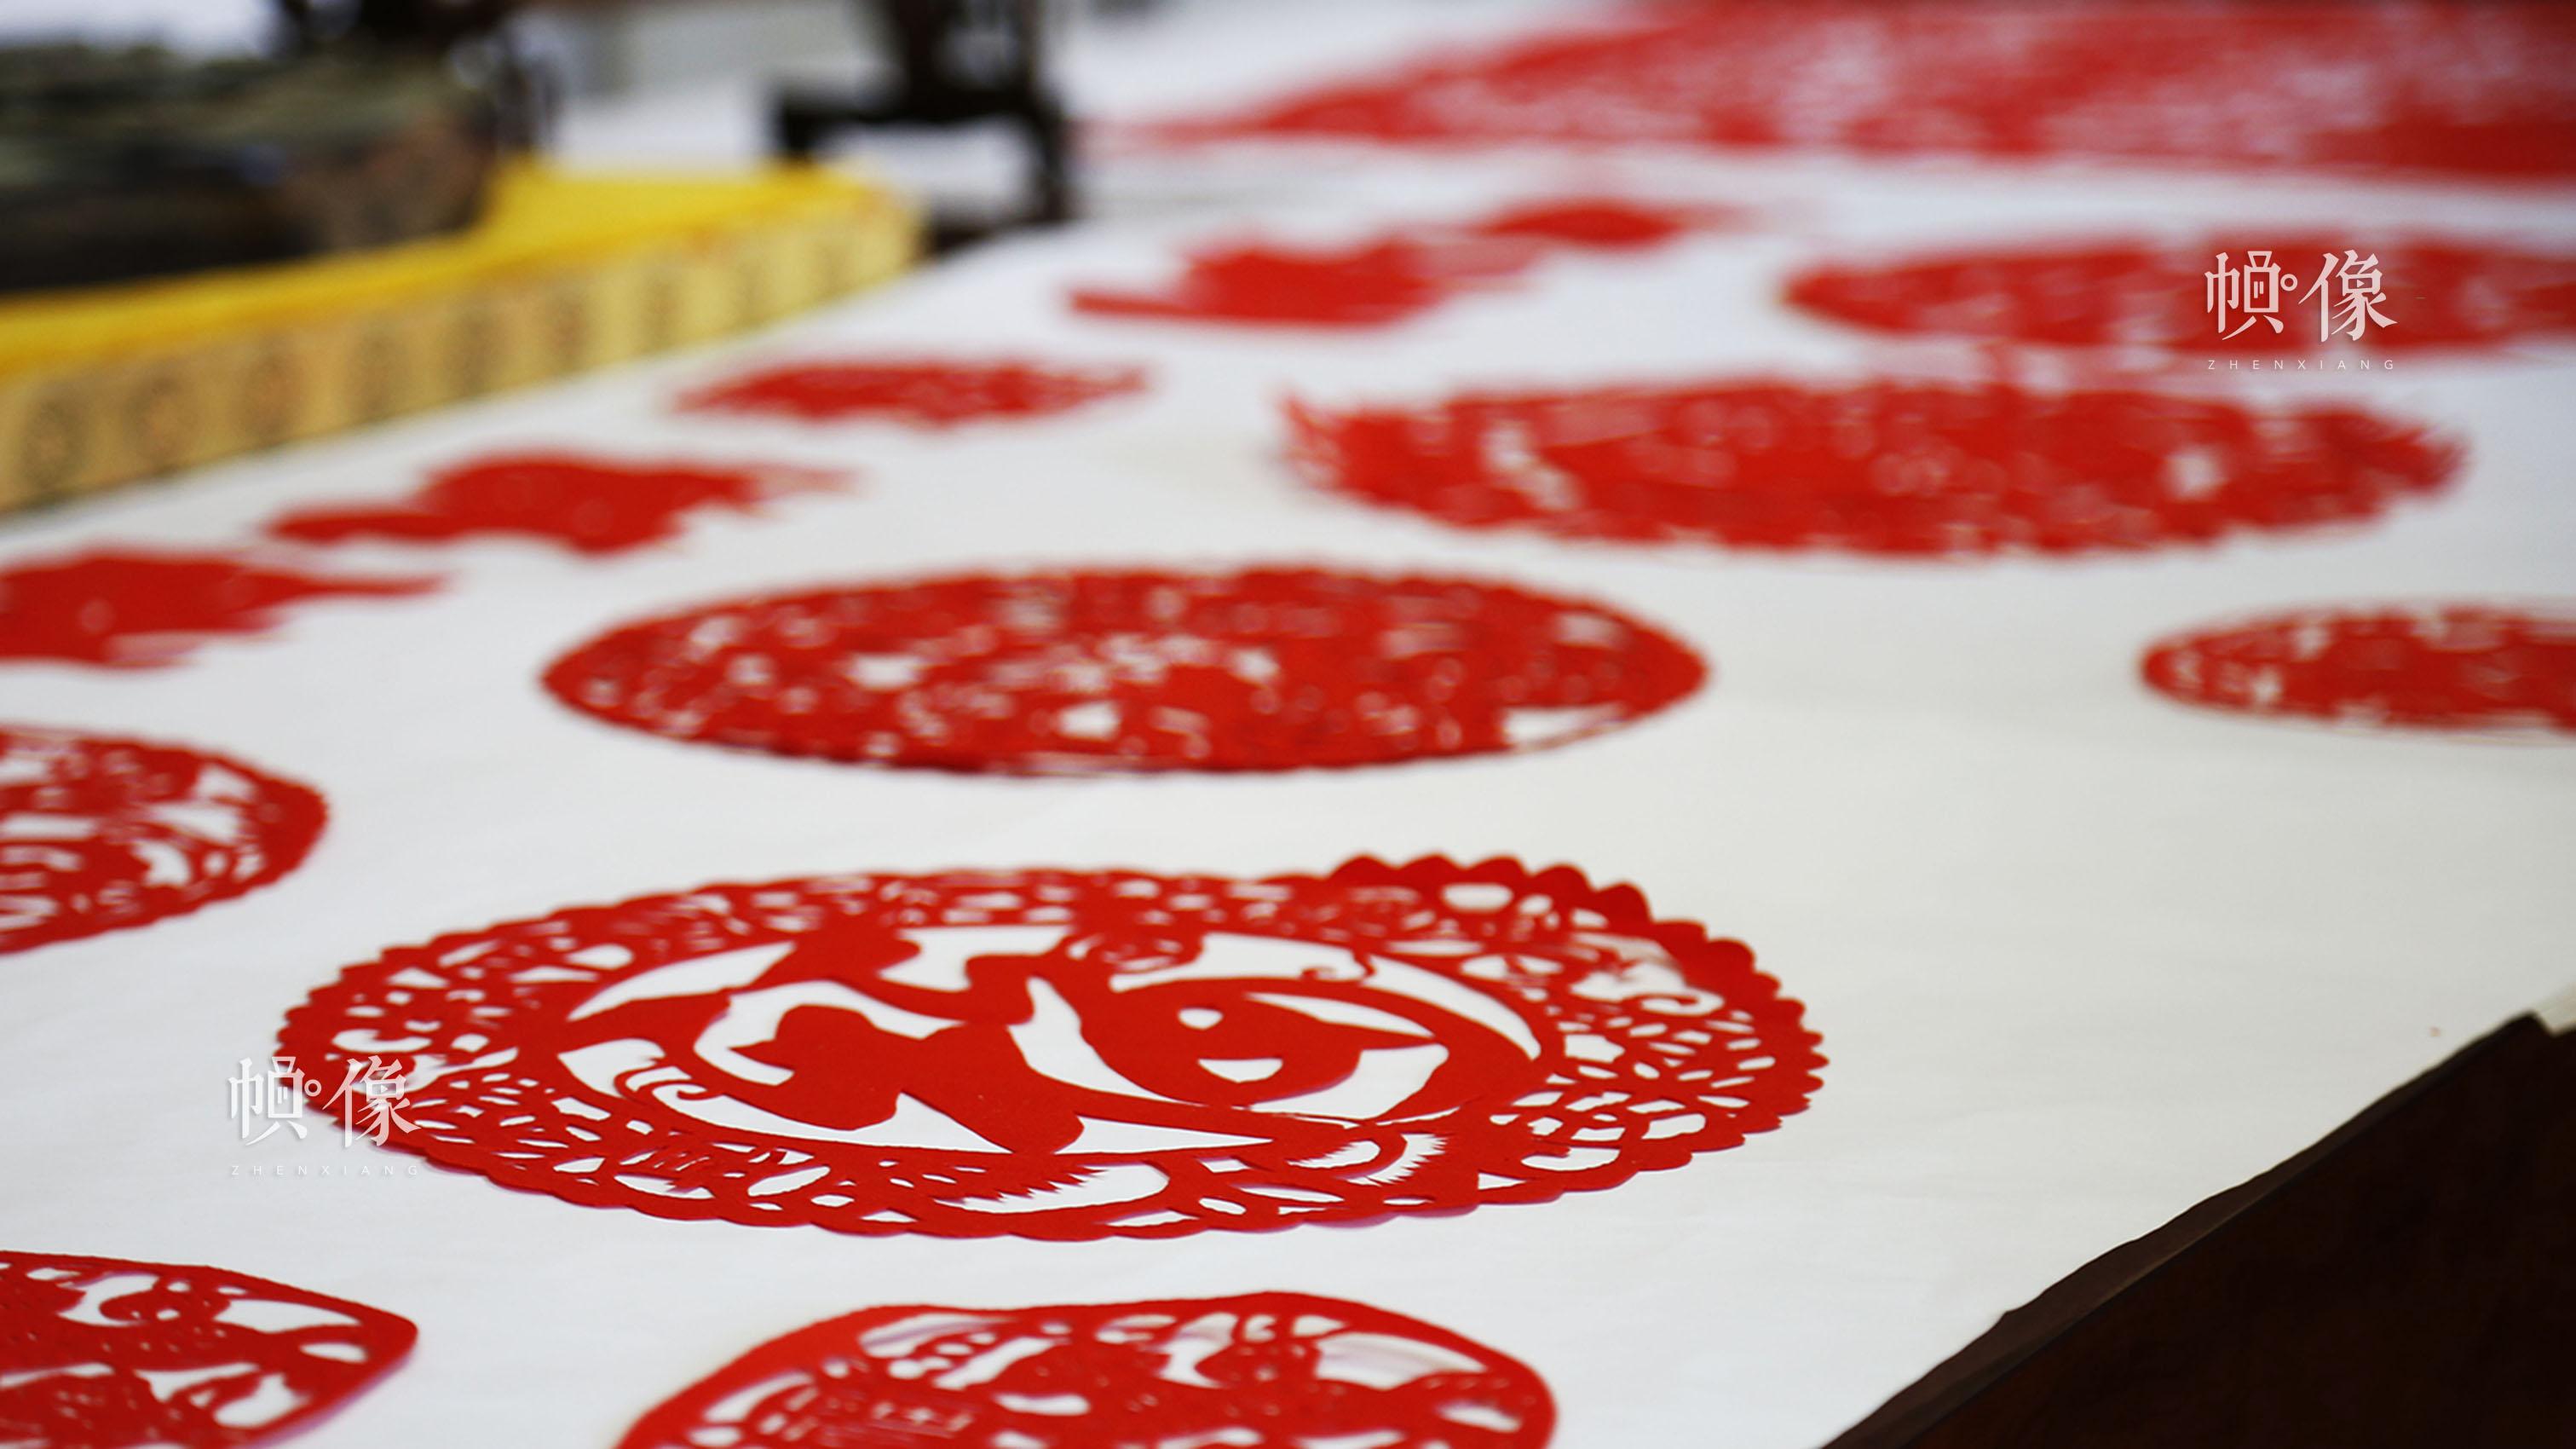 非遗传承人产业基地展厅中,摆放着姚雨林各式各样的剪纸作品。中国网实习记者 张钰 摄